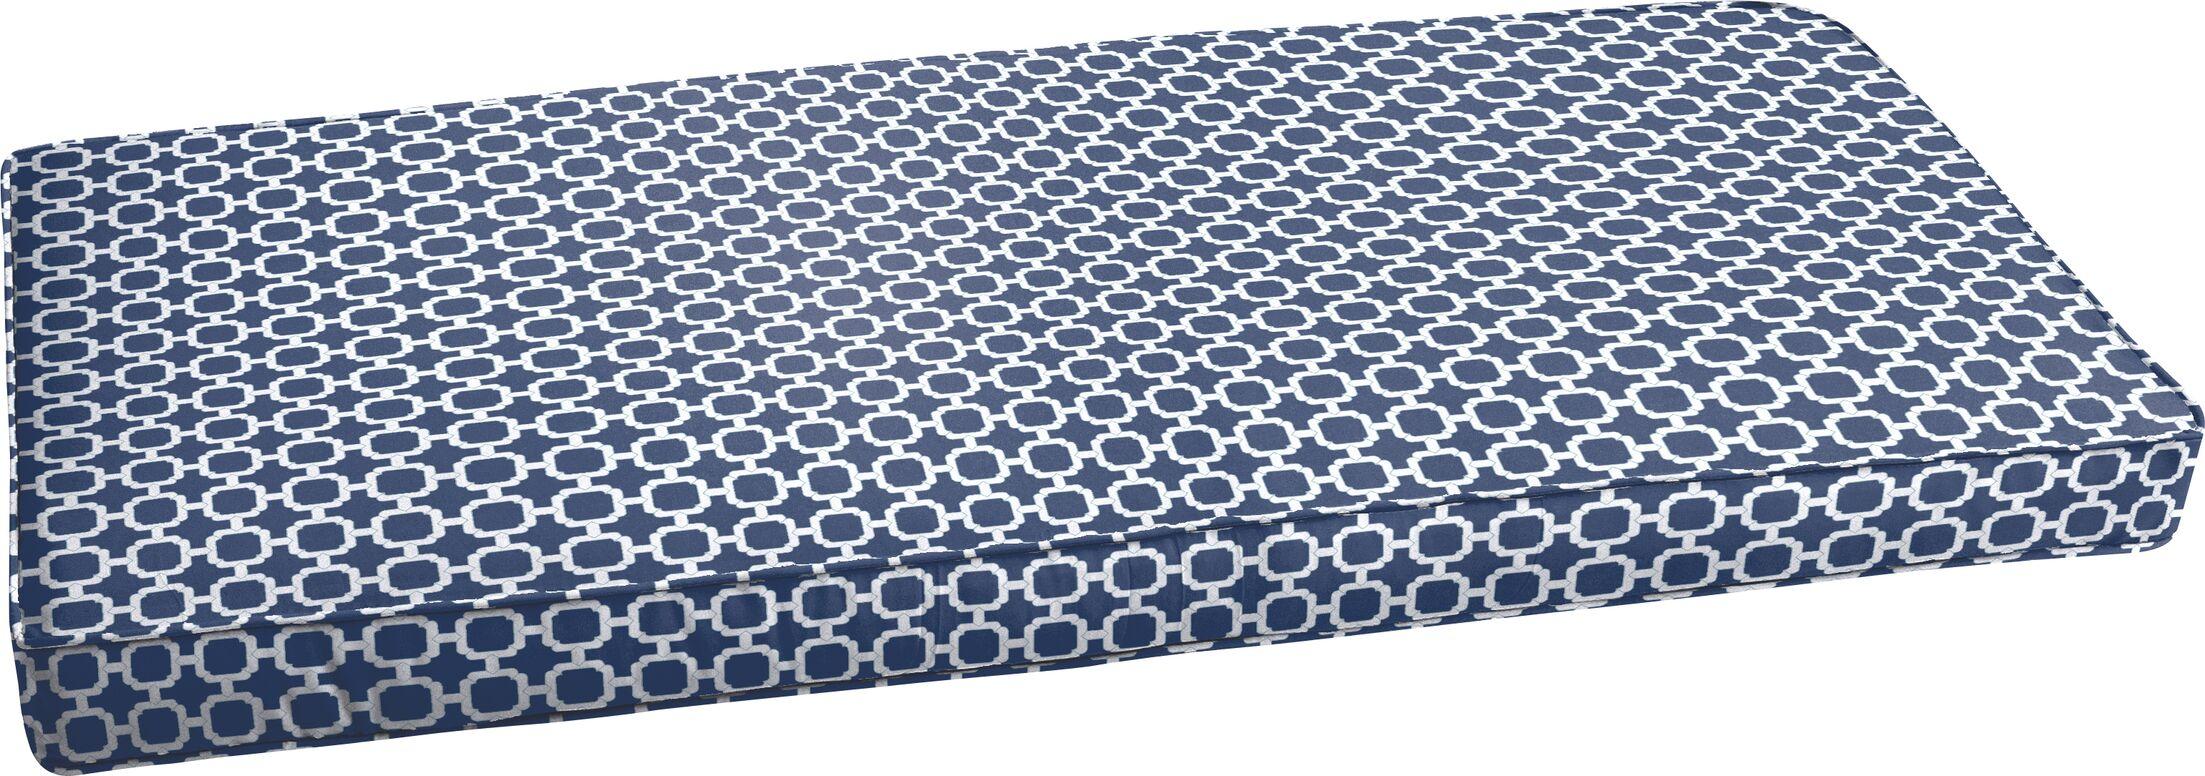 Peletier Indoor/Outdoor Bench Cushion Size: 48